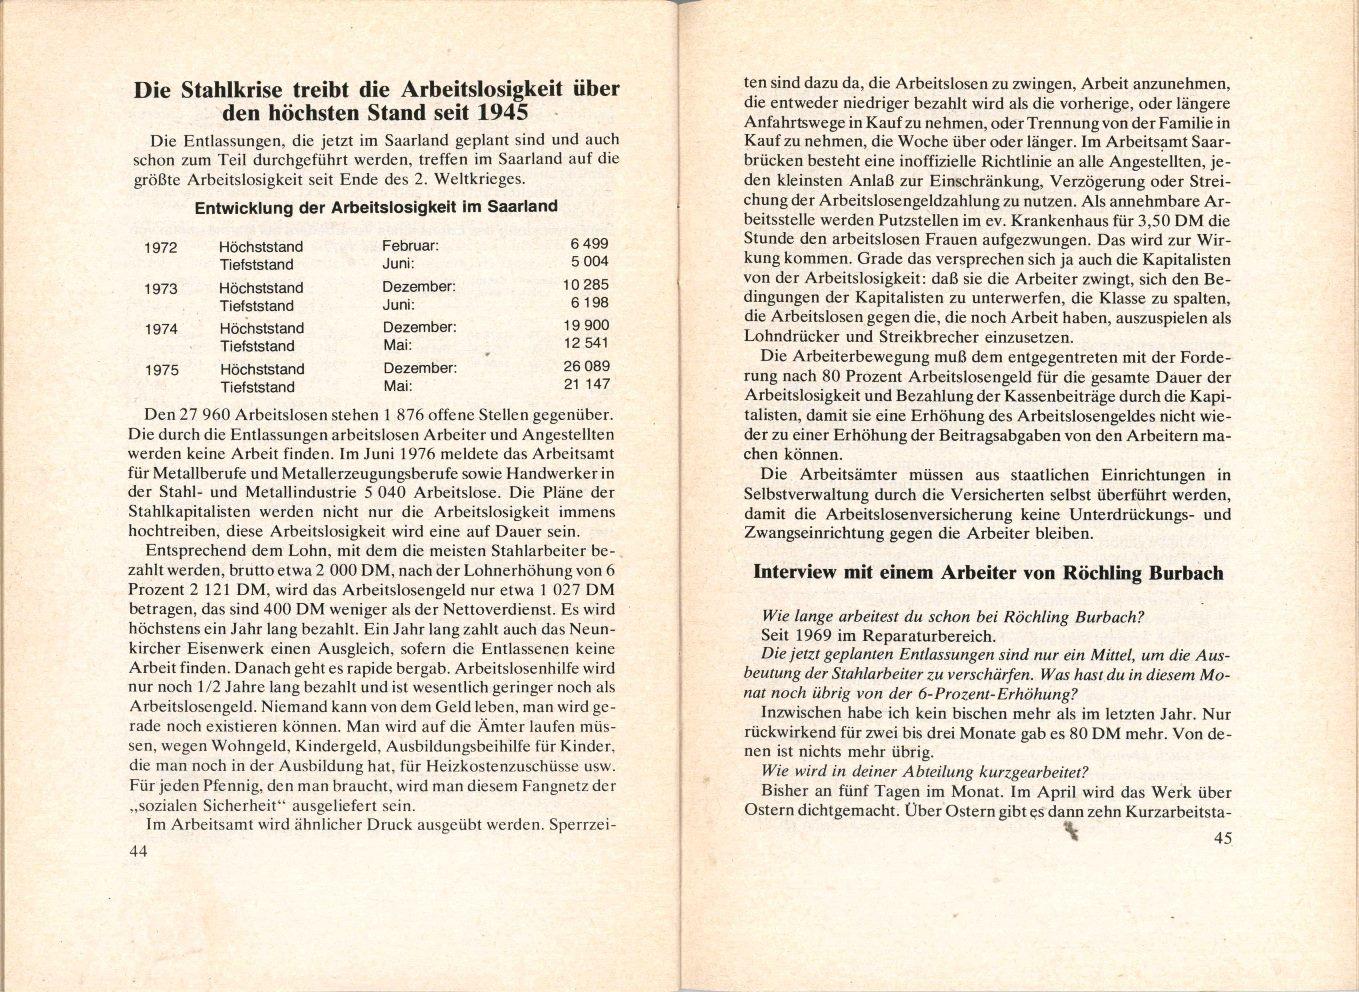 IGM_KBW_Krise_in_der_Stahlindustrie_1977_24